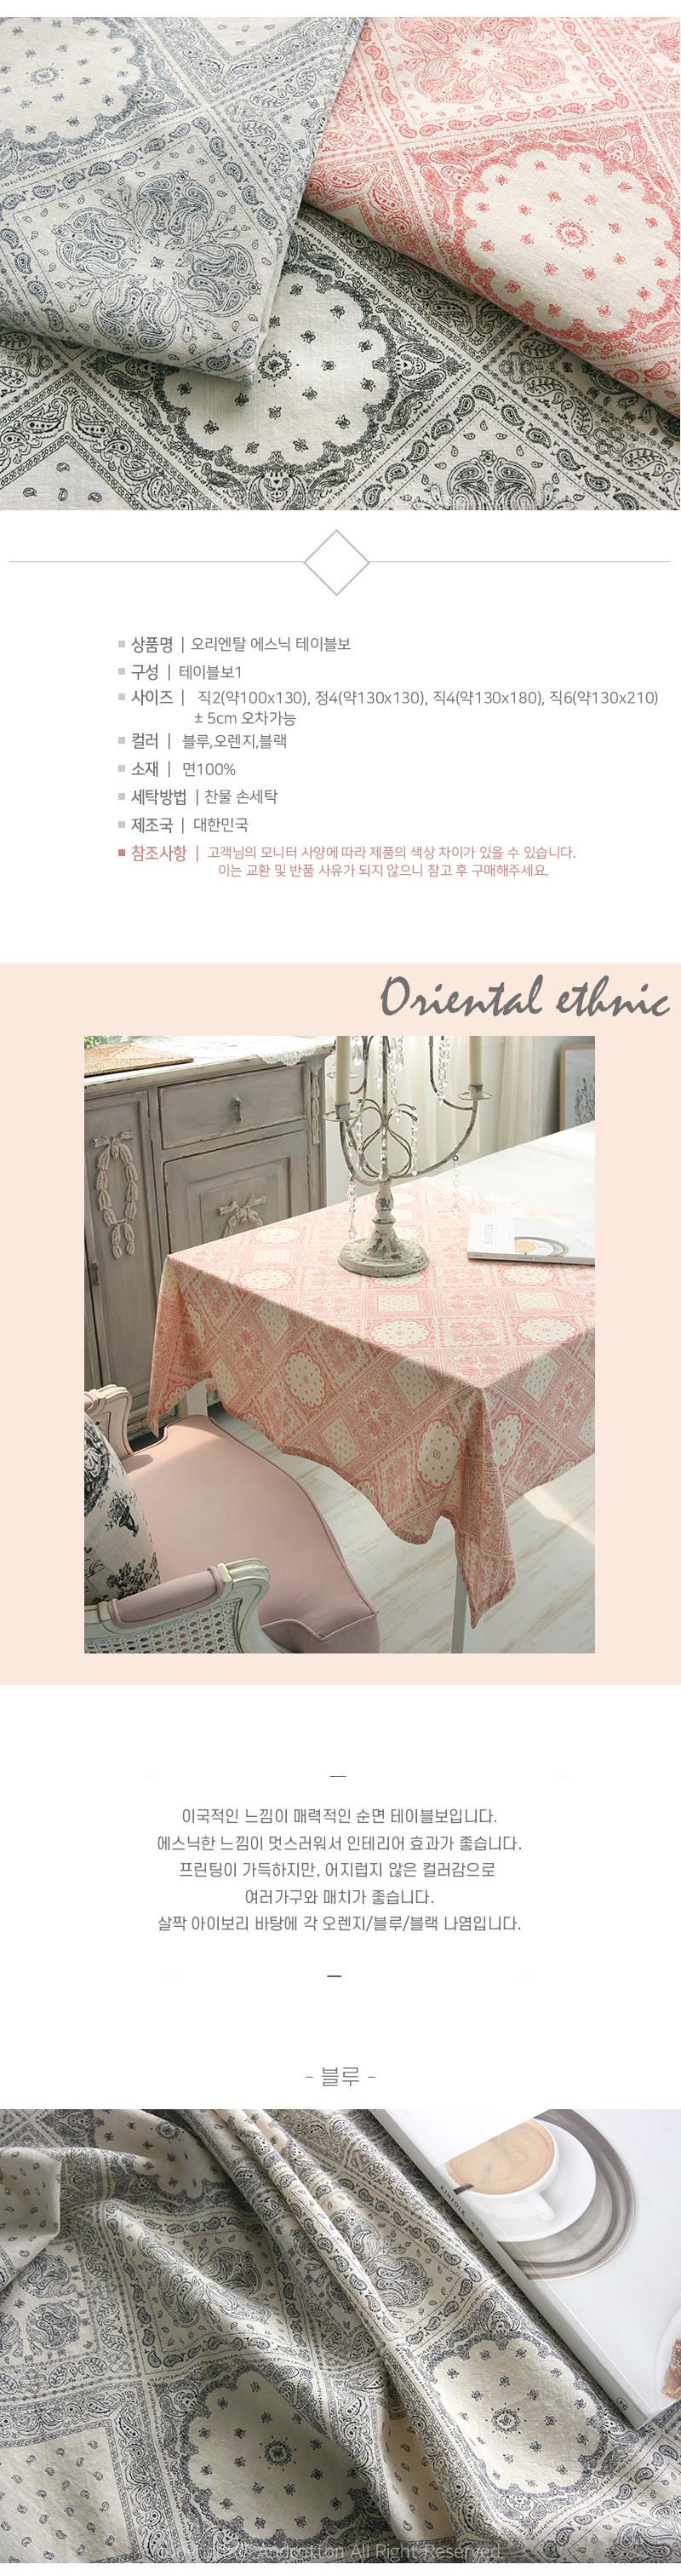 오리엔탈 에스닉 2인 테이블보/식탁보 100x130 - 앤코튼1, 26,900원, 식탁, 식탁보